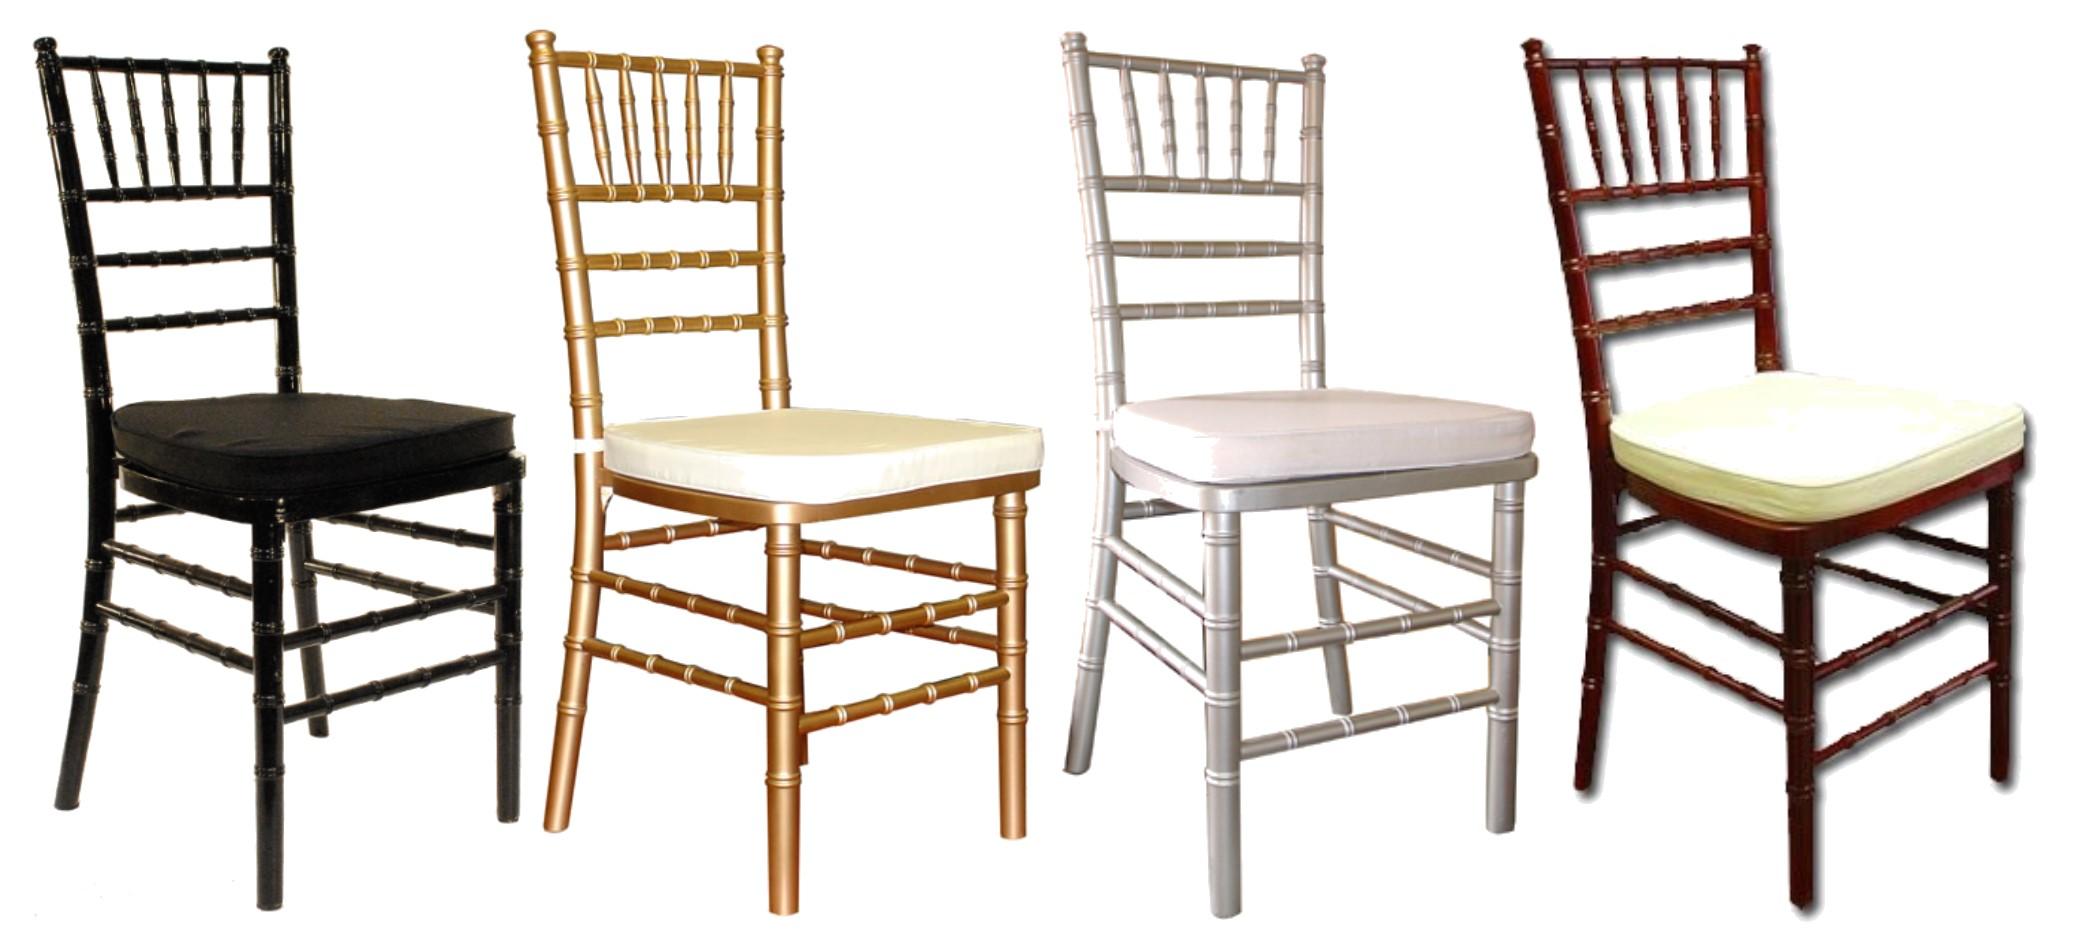 Chairs  Chiavari Chairs  AV Party Rental